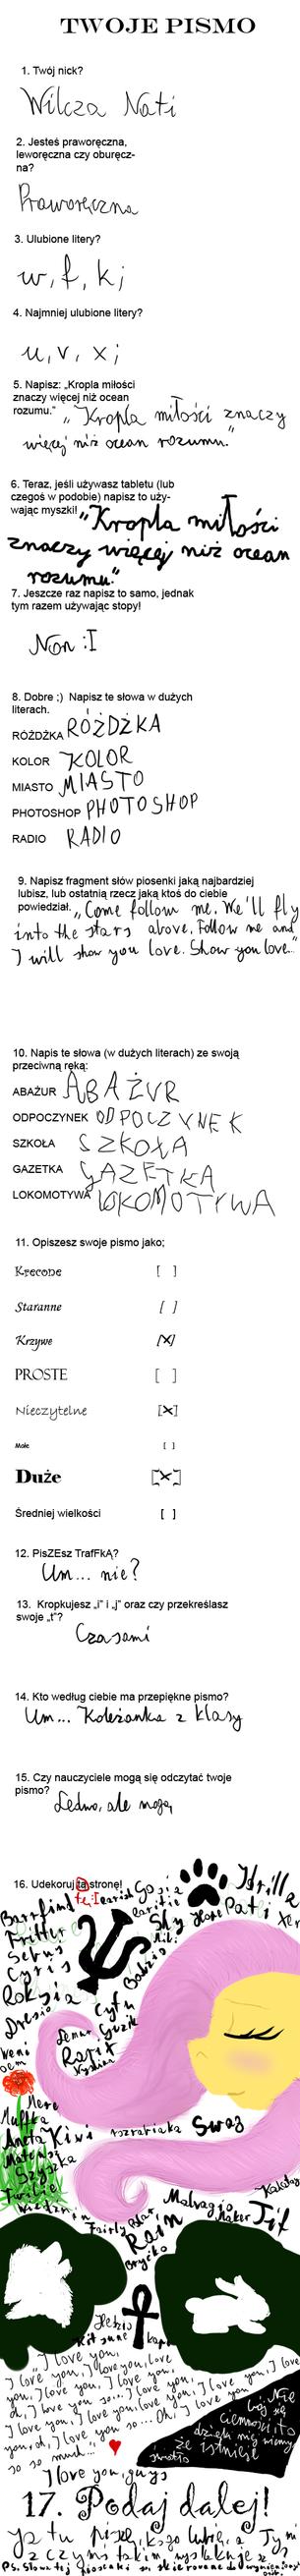 Twoje pismo by WilczaLupus